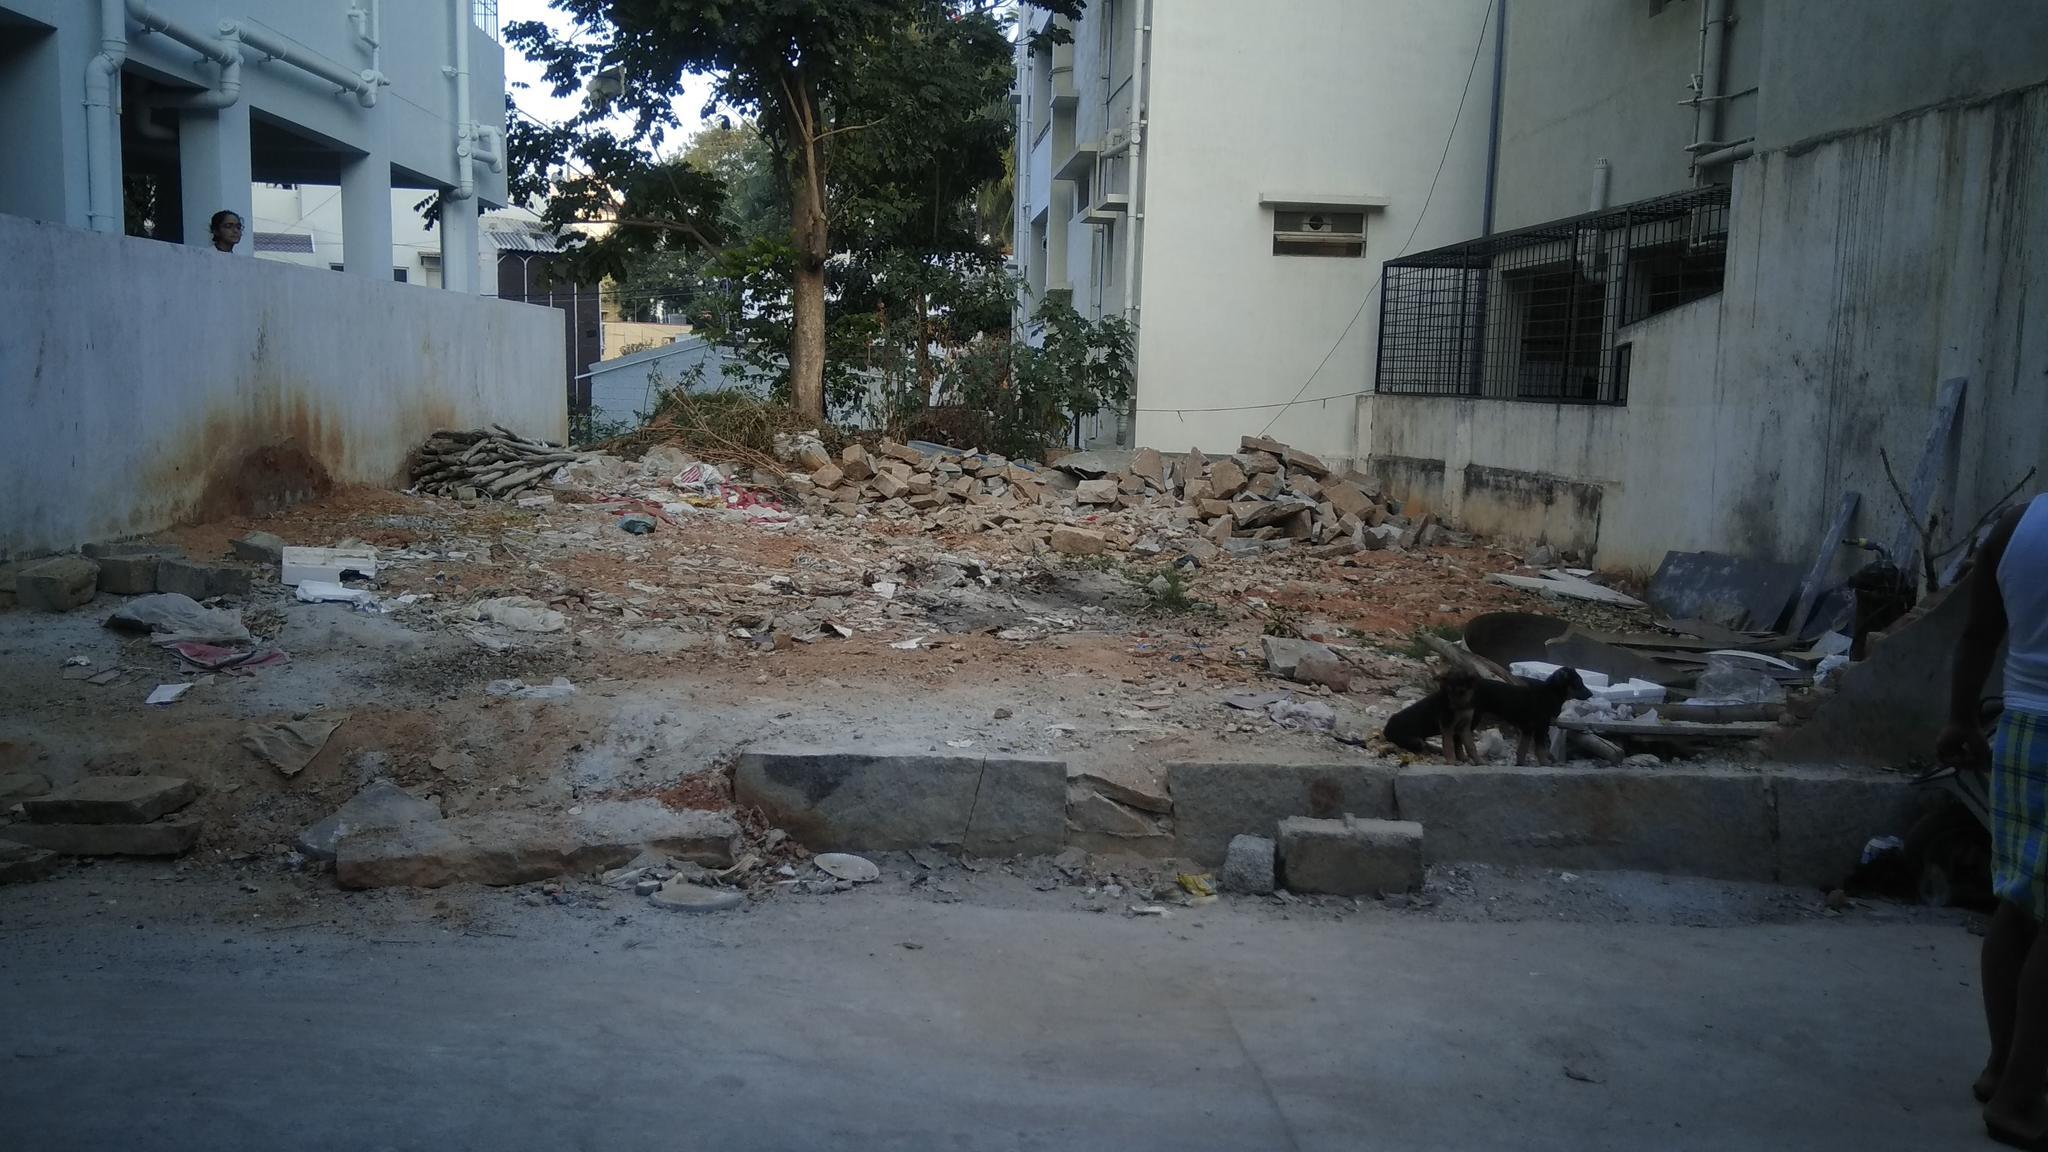 1560337044_banner_bangalore_jer.jpeg